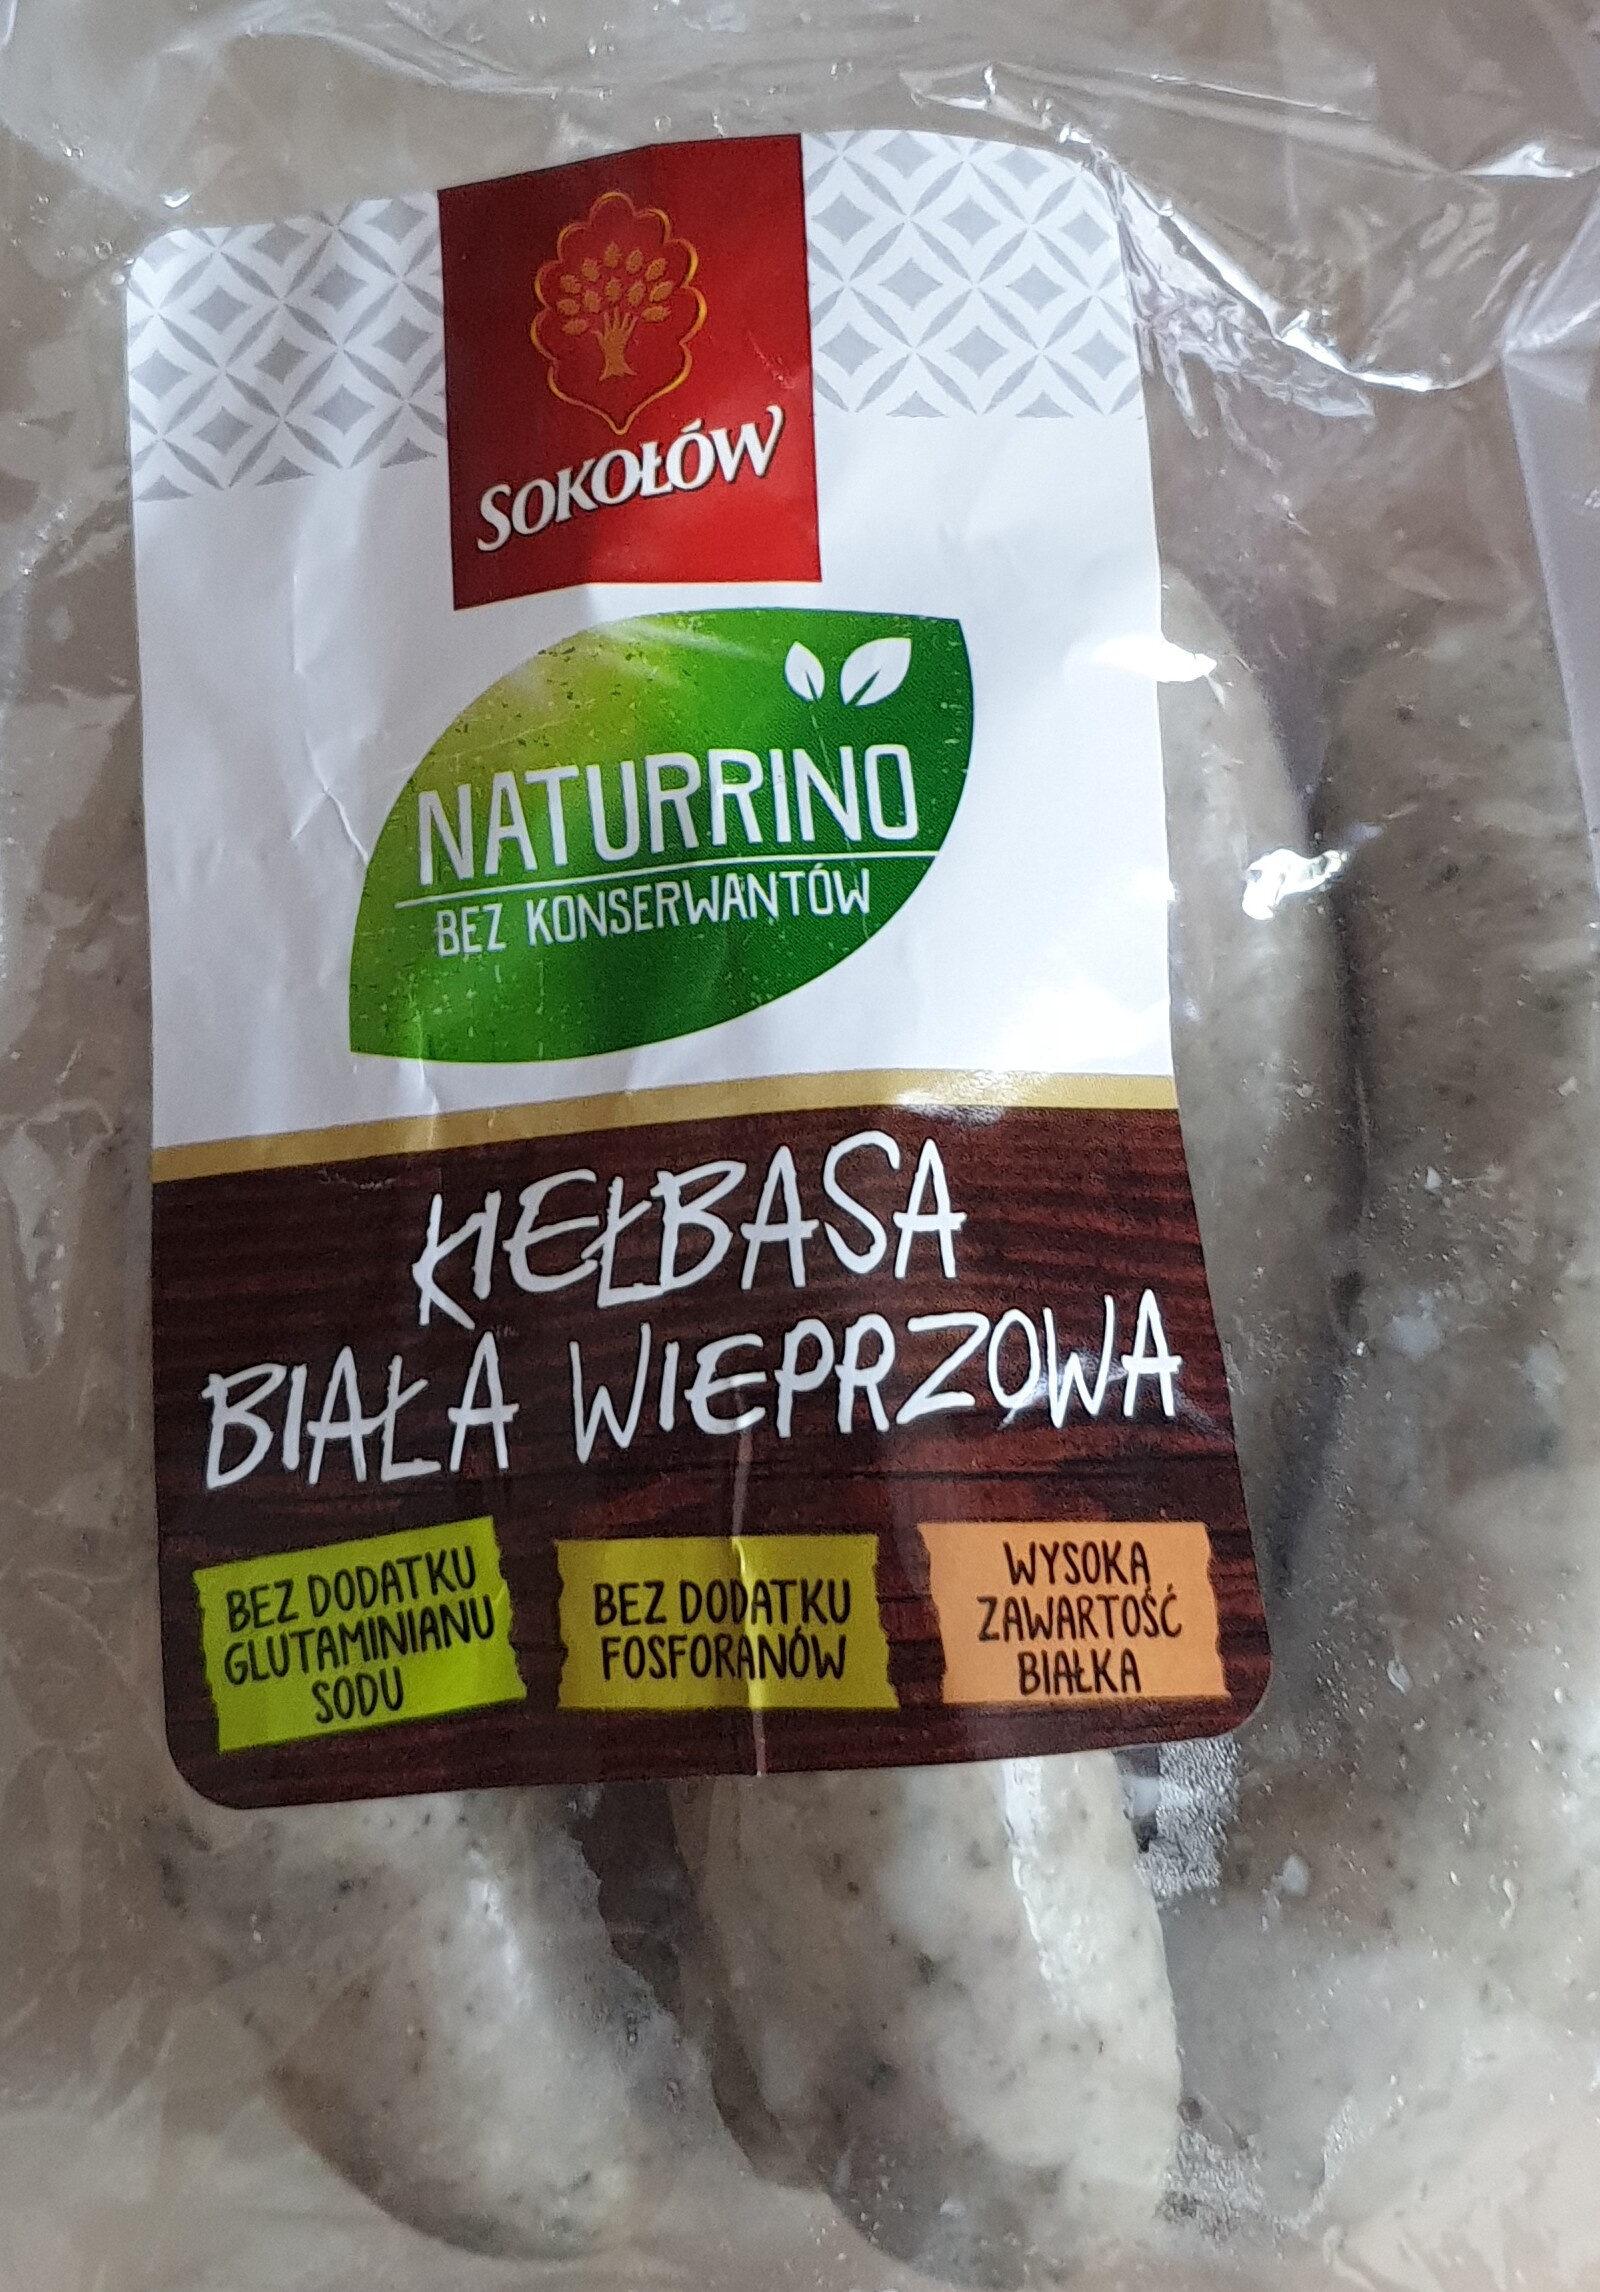 Kiełbasa biała wieprzowa Naturrino - Produit - pl